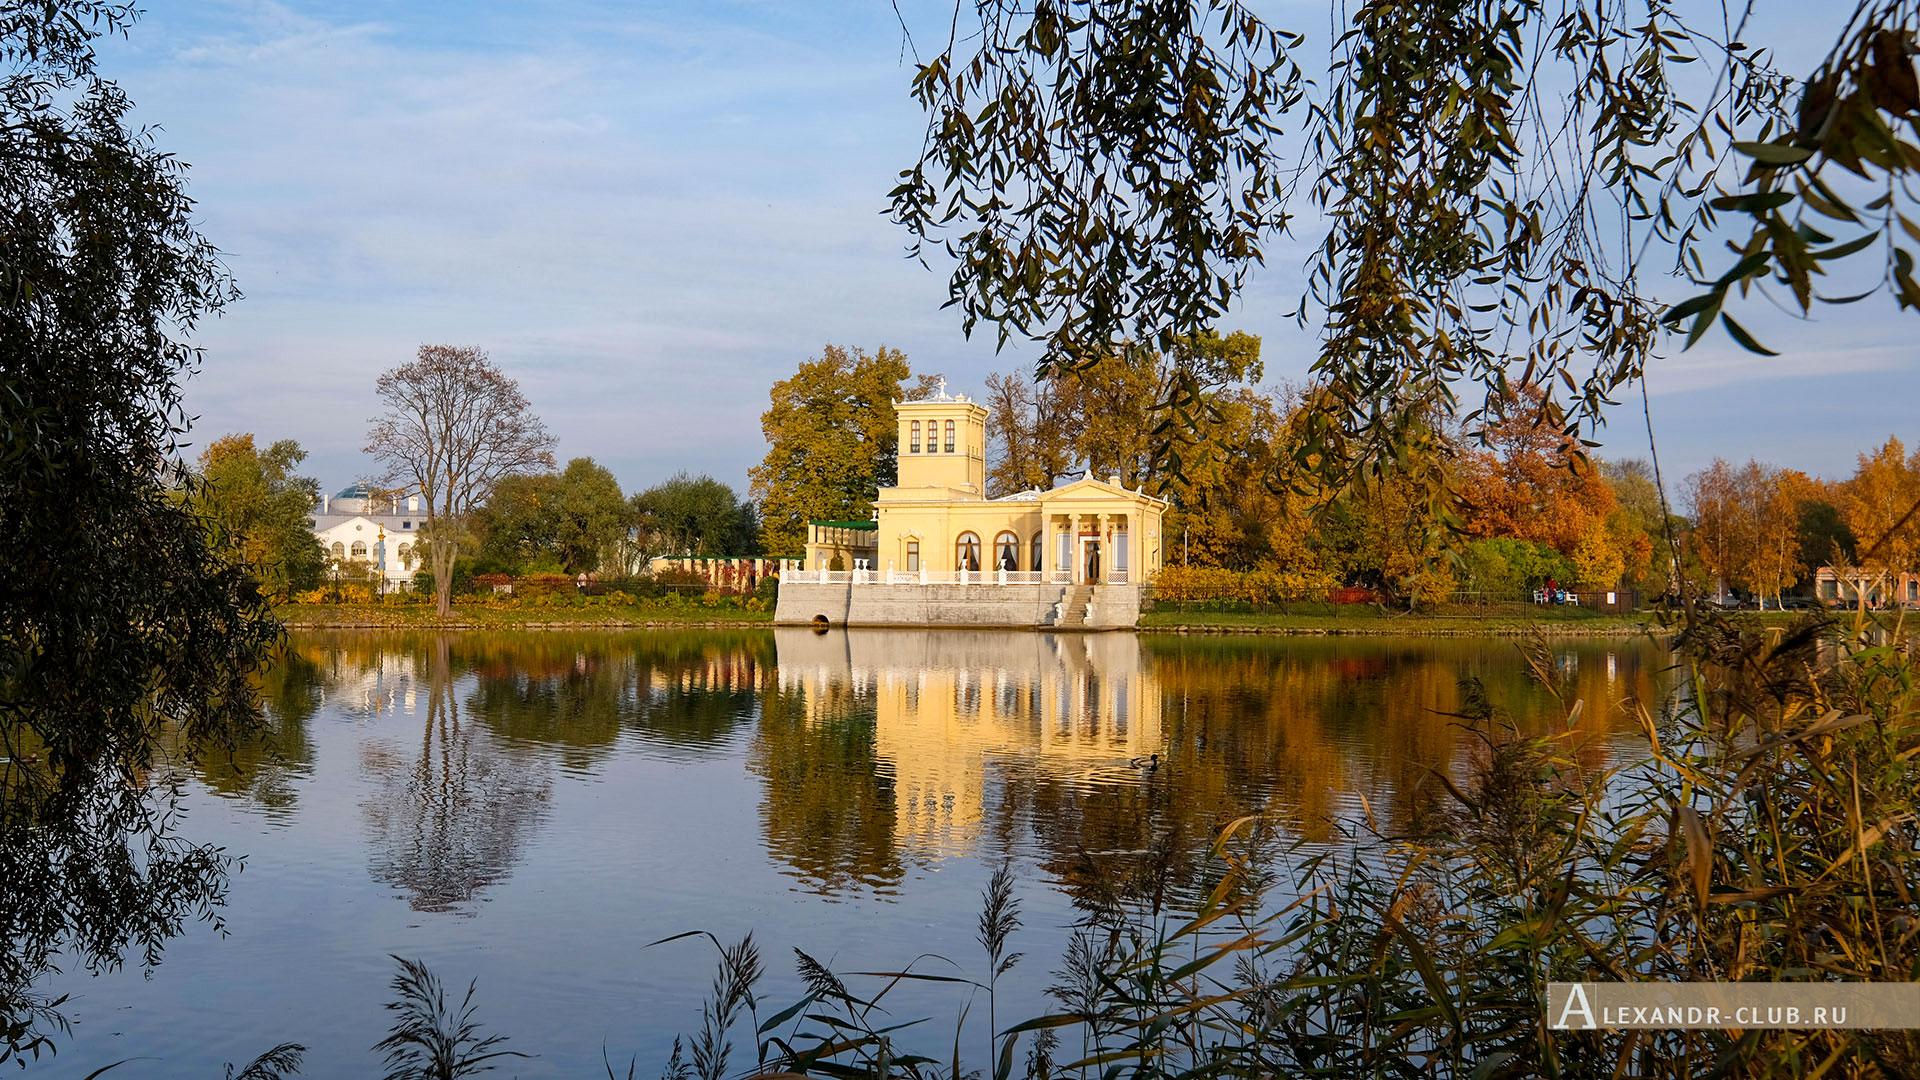 Петергоф, Колонистский парк, осень, Царицын павильон